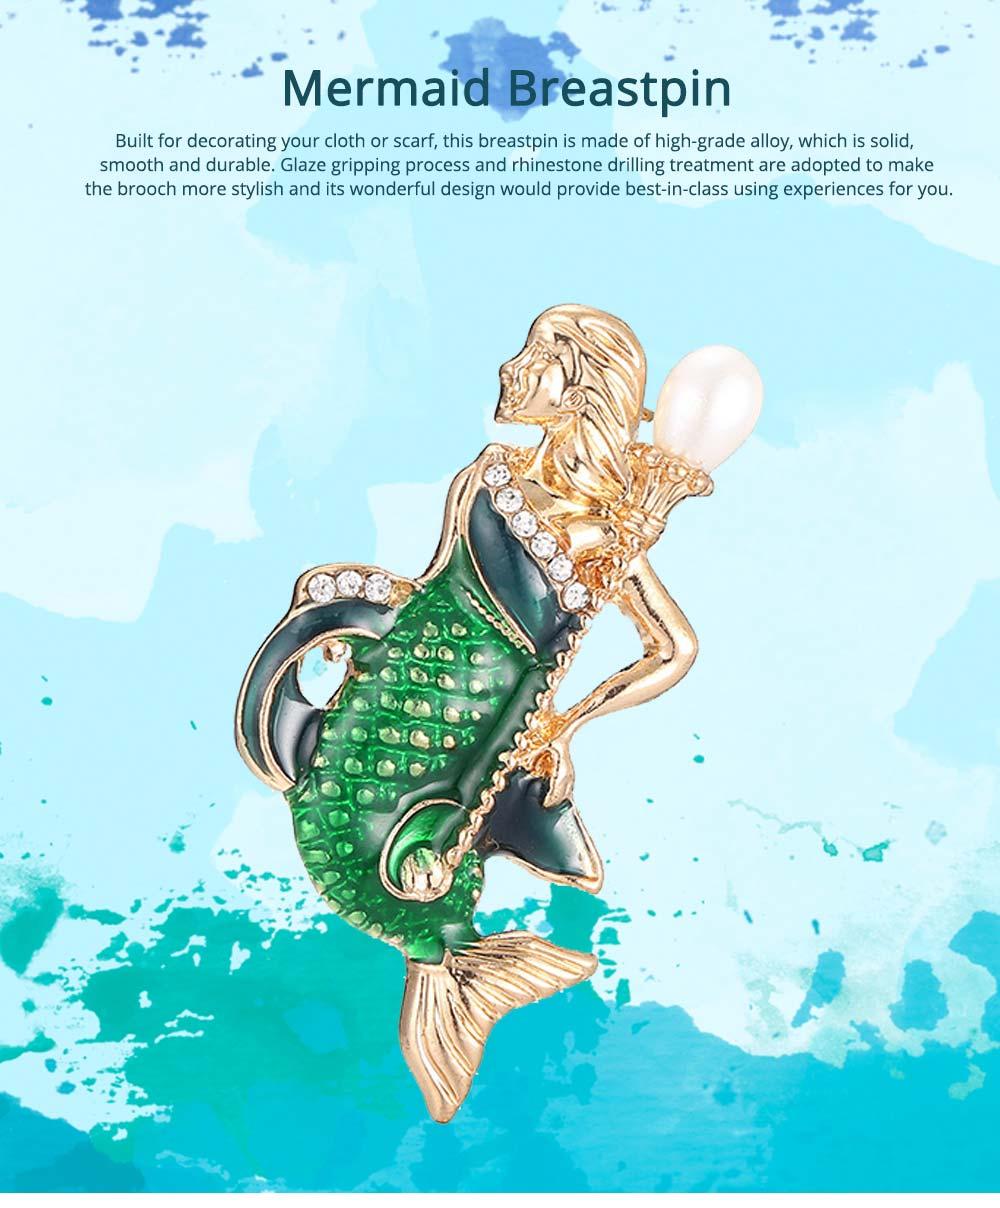 Creative Cute Cartoon Mermaid Breastpin with Rhinestone Decoration, Elegant Glaze Dripping Brooch for Ladies 0